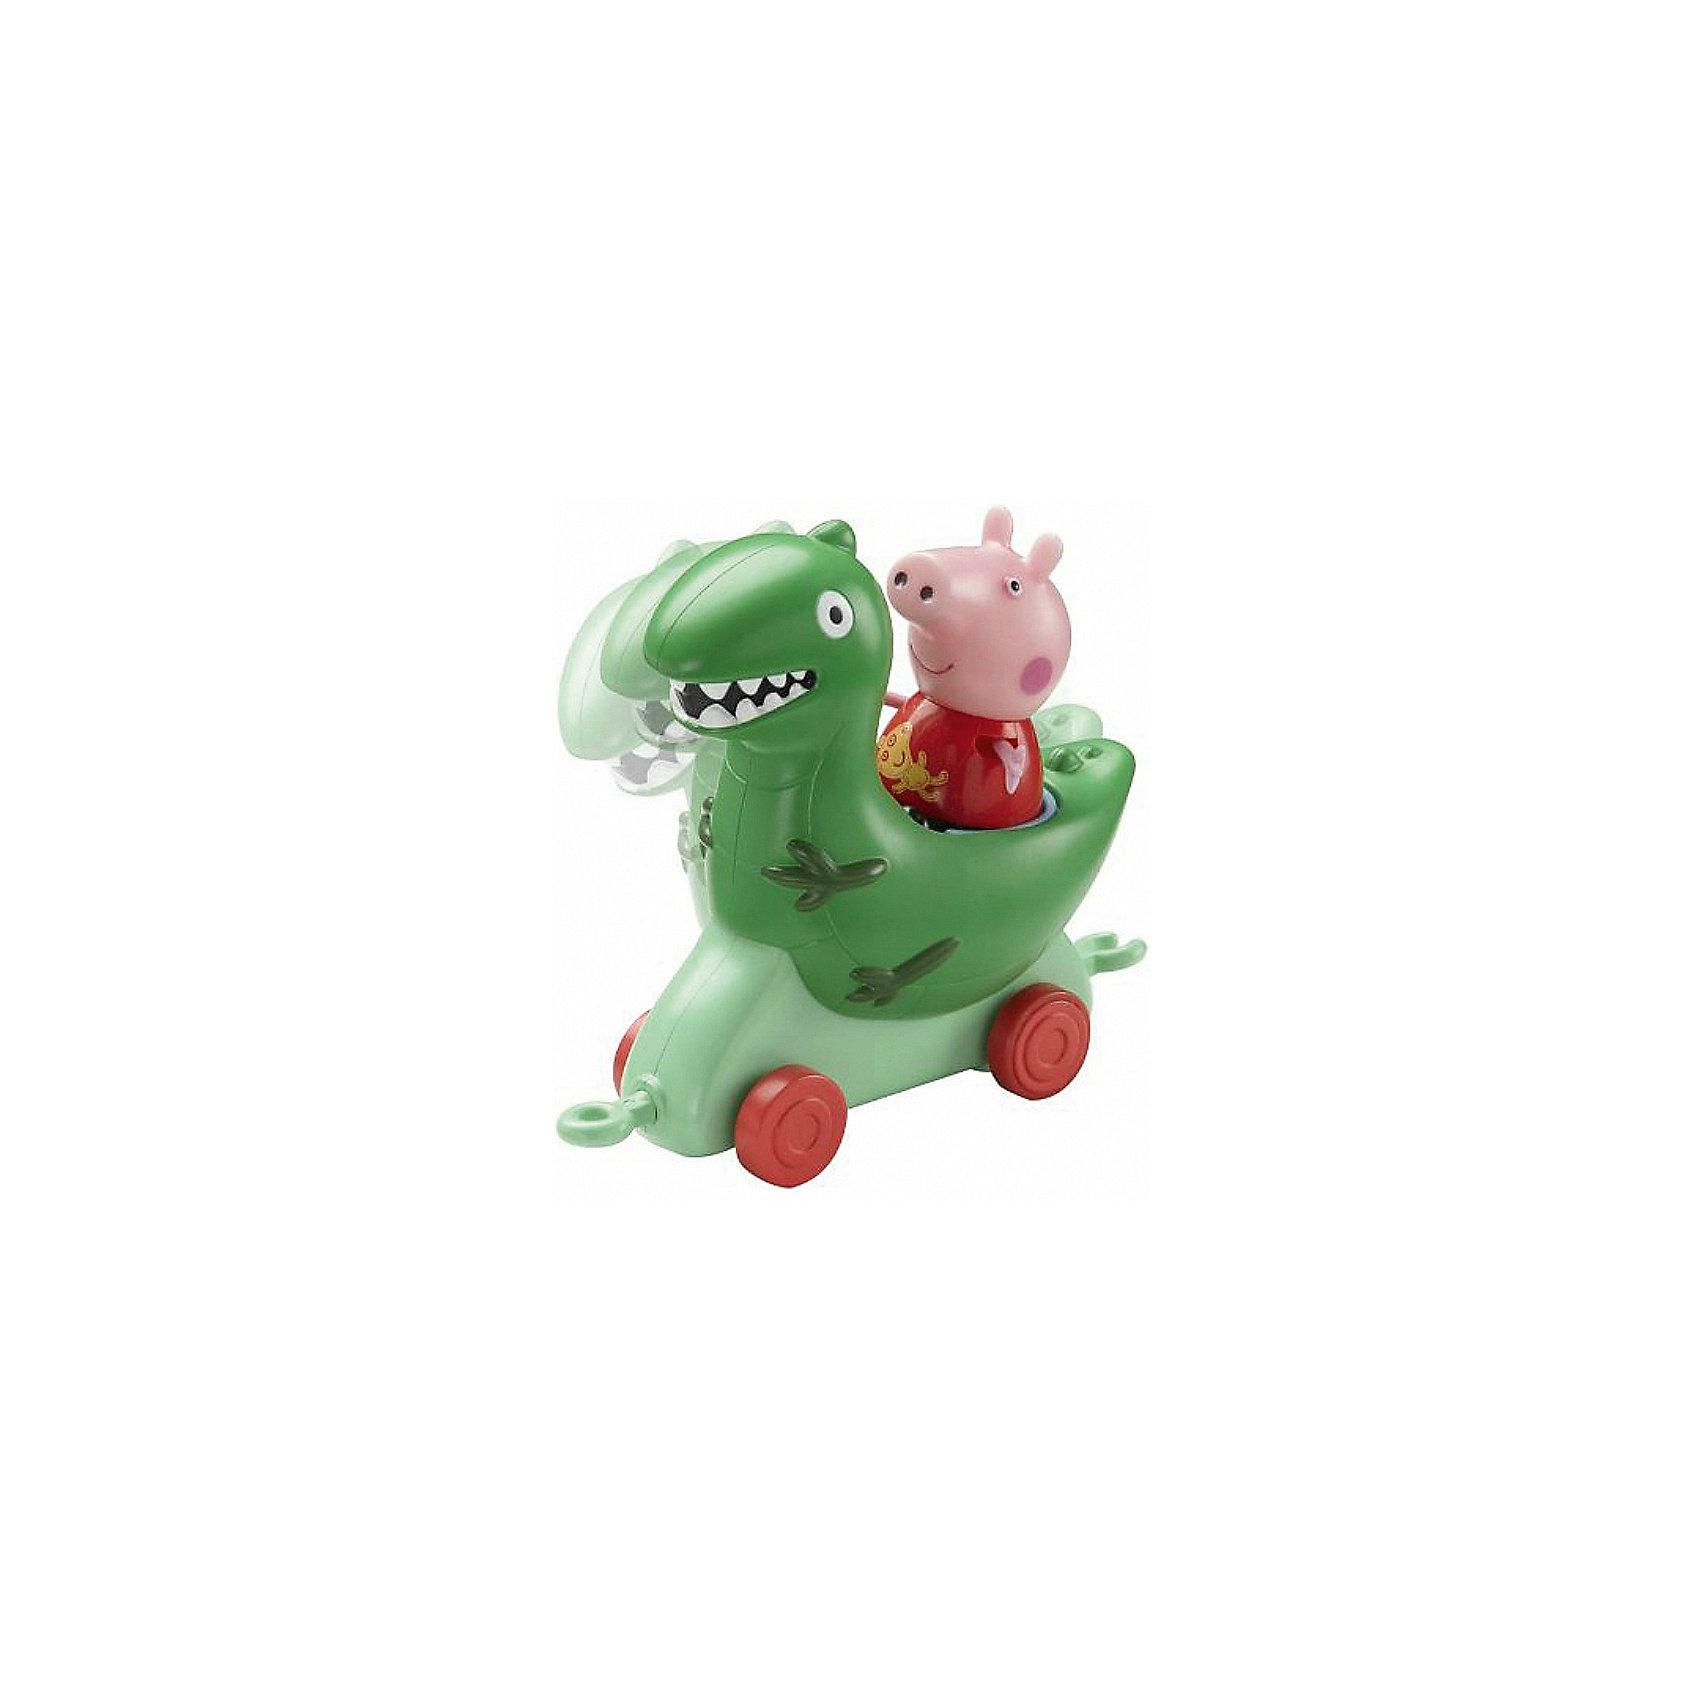 Игровой набор Каталка Динозавр, Свинка ПеппаЯркая каталка Динозавр сразу понравится Вашему ребенку! <br>Привяжите веревочку к специальному держателю и посадите фигурку Пеппы на сидение, чтобы Ваш ребенок мог увлеченно возить каталку, развивая координацию движений.<br><br>Дополнительная информация:<br><br>- Возраст: от 3 лет.<br>- Материал: пластик.<br>- Размер упаковки: 14.3х10х14.3 см.<br>- Вес в упаковке: 130 г.<br><br>Купить игровой набор Каталка Динозавр, Свинка Пеппа, можно в нашем магазине.<br><br>Ширина мм: 143<br>Глубина мм: 100<br>Высота мм: 143<br>Вес г: 130<br>Возраст от месяцев: 36<br>Возраст до месяцев: 2147483647<br>Пол: Унисекс<br>Возраст: Детский<br>SKU: 5026860